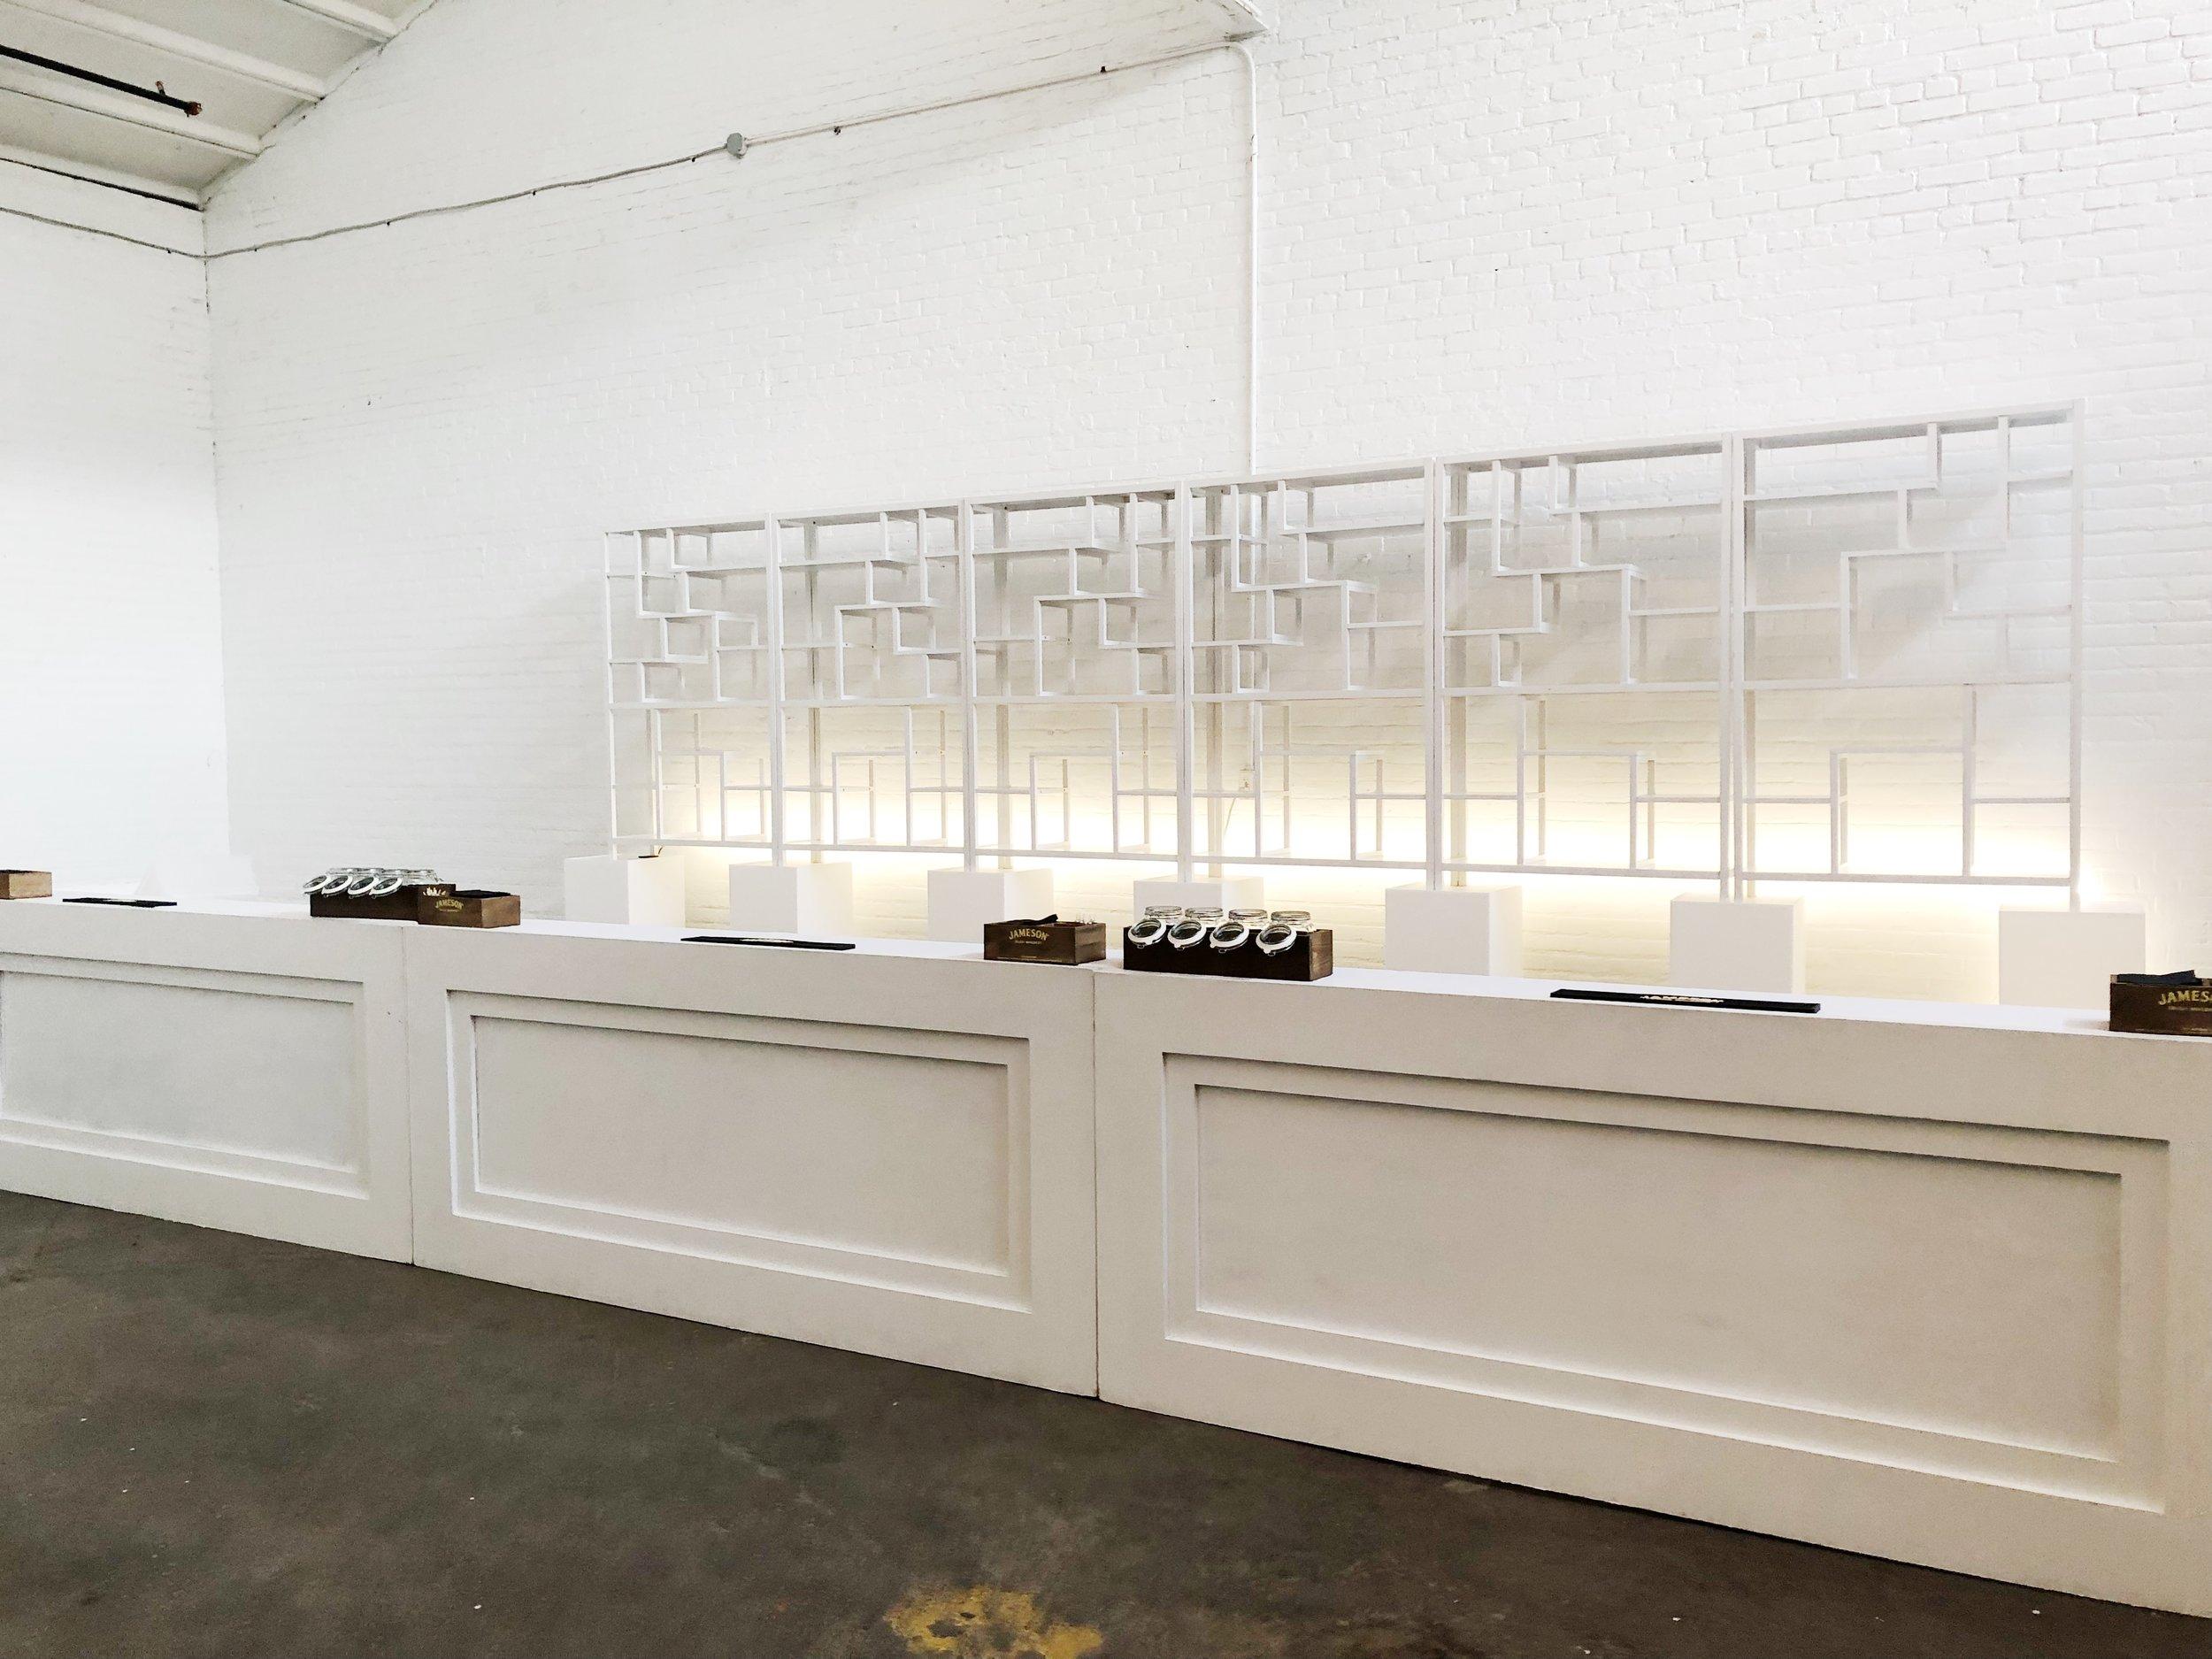 - 24-foot-long custom bar